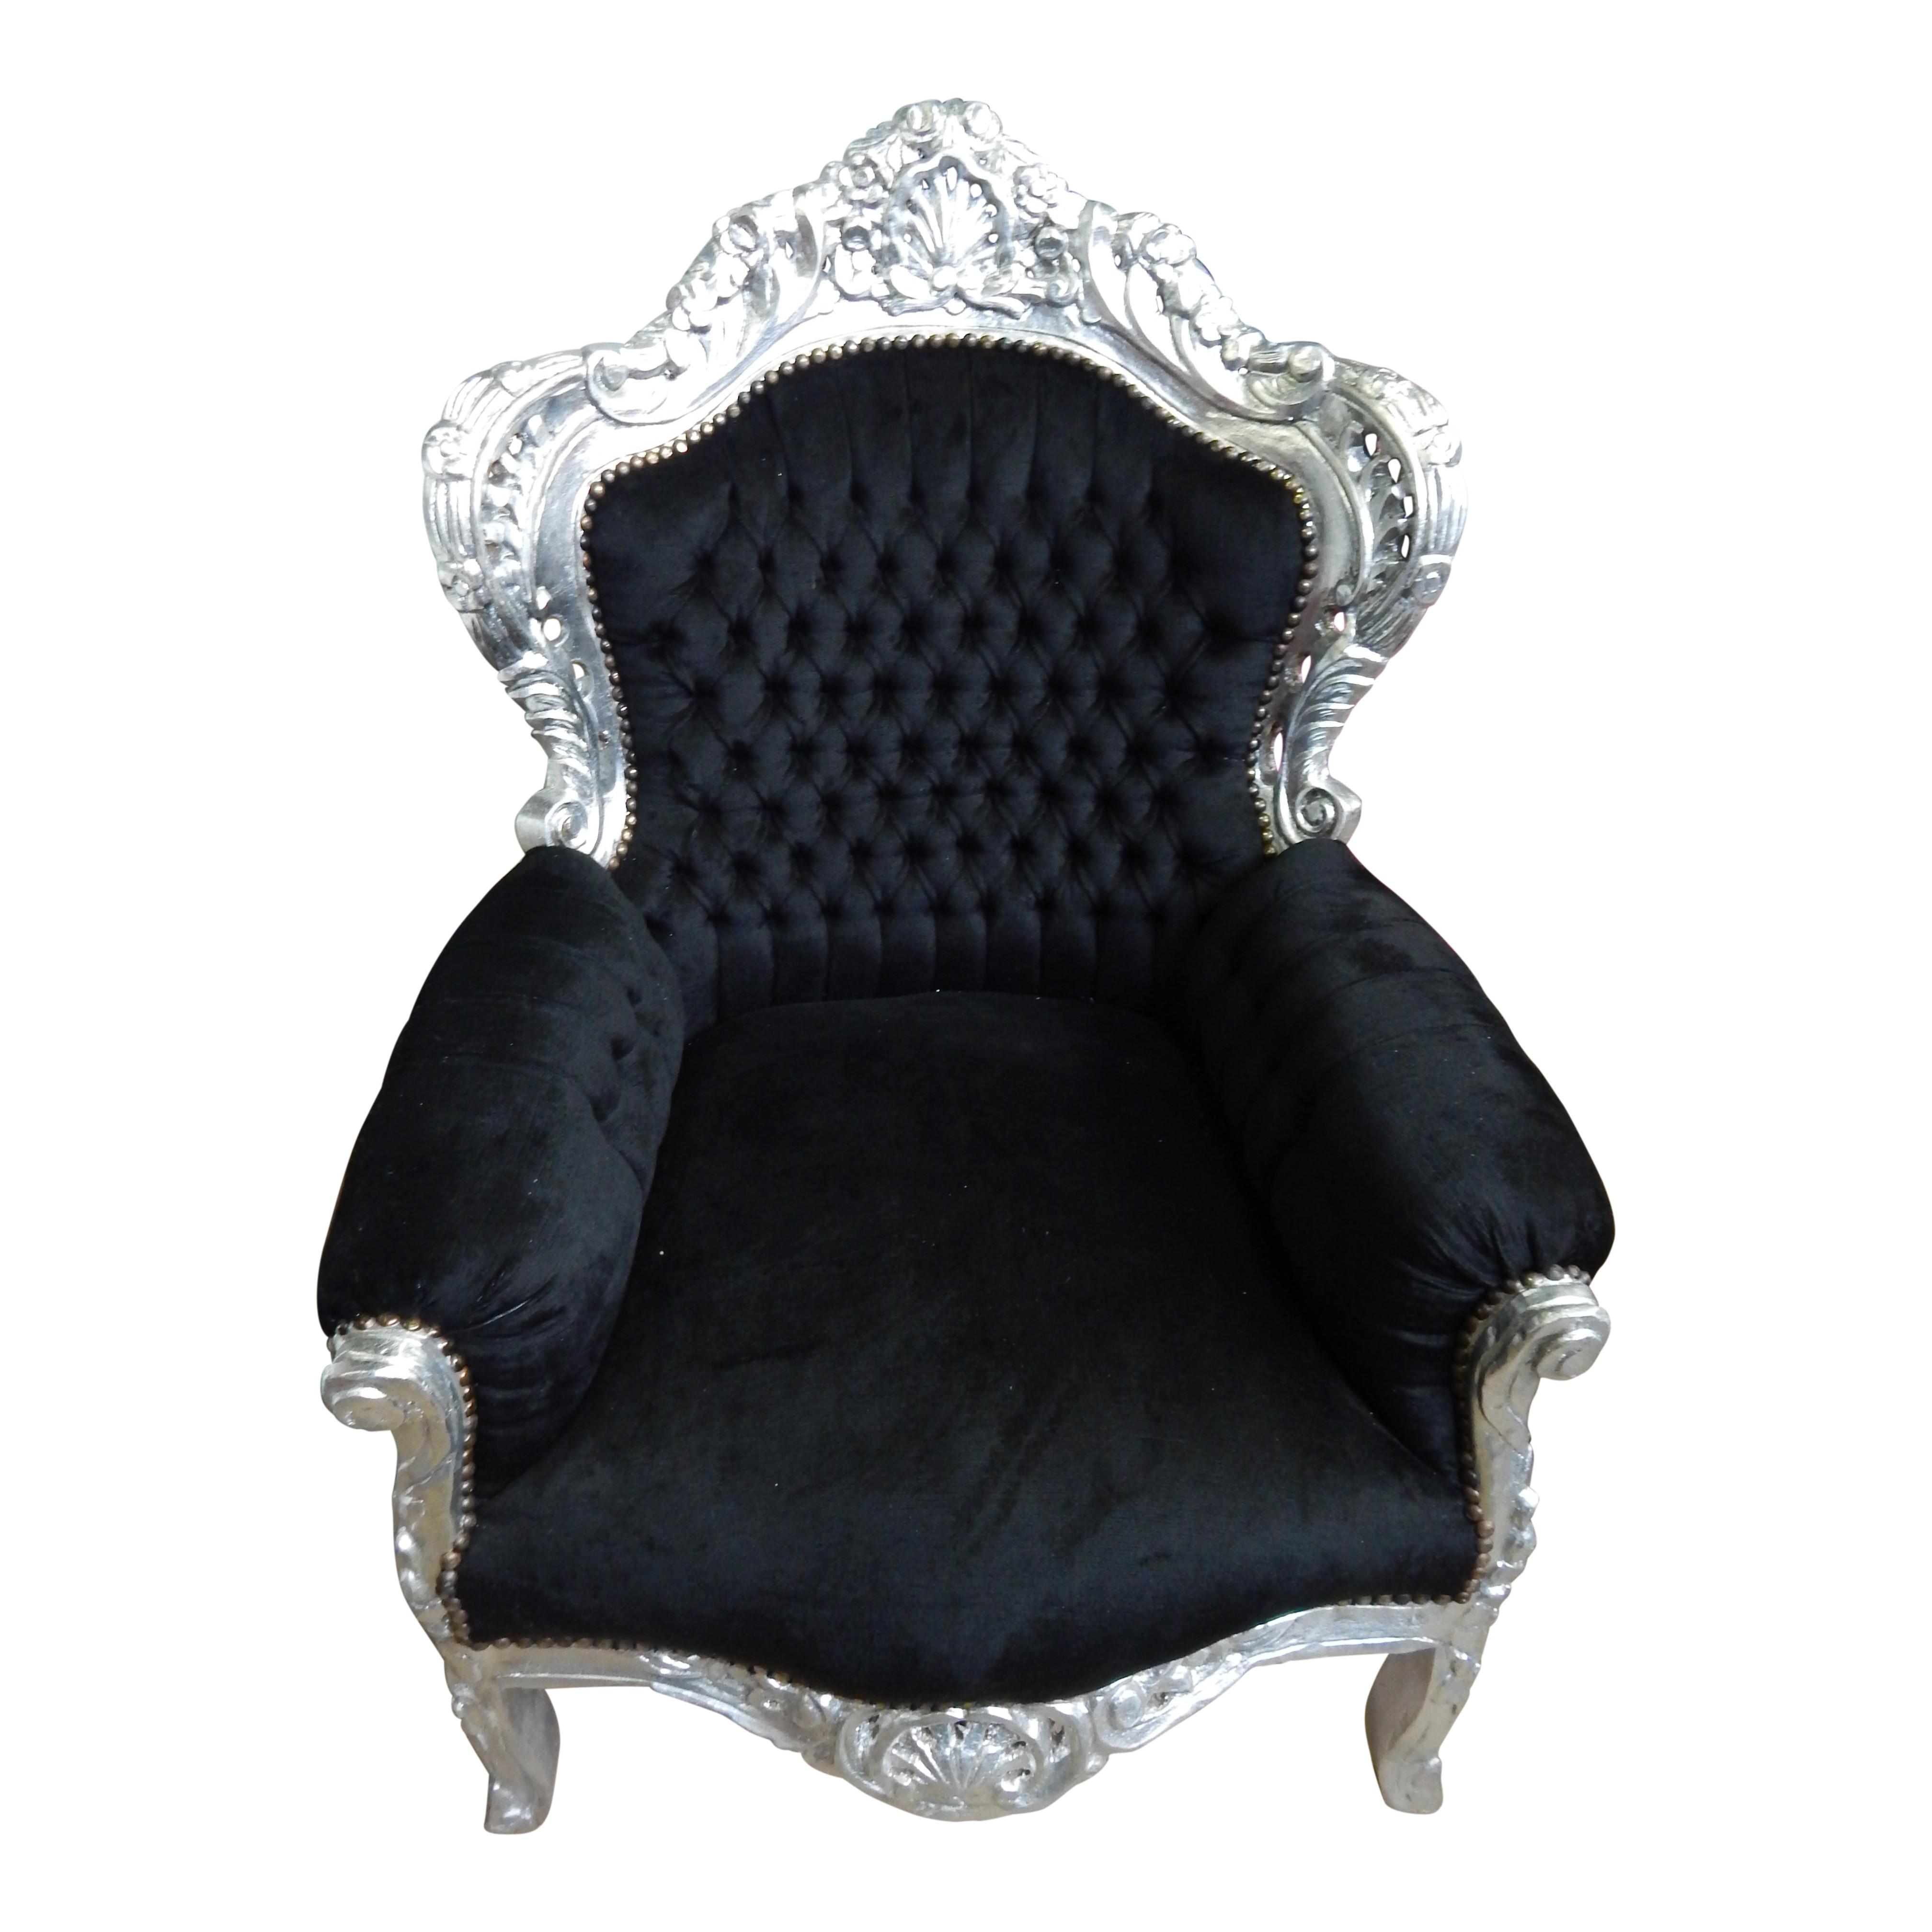 Barok fauteuil zilver-zwart